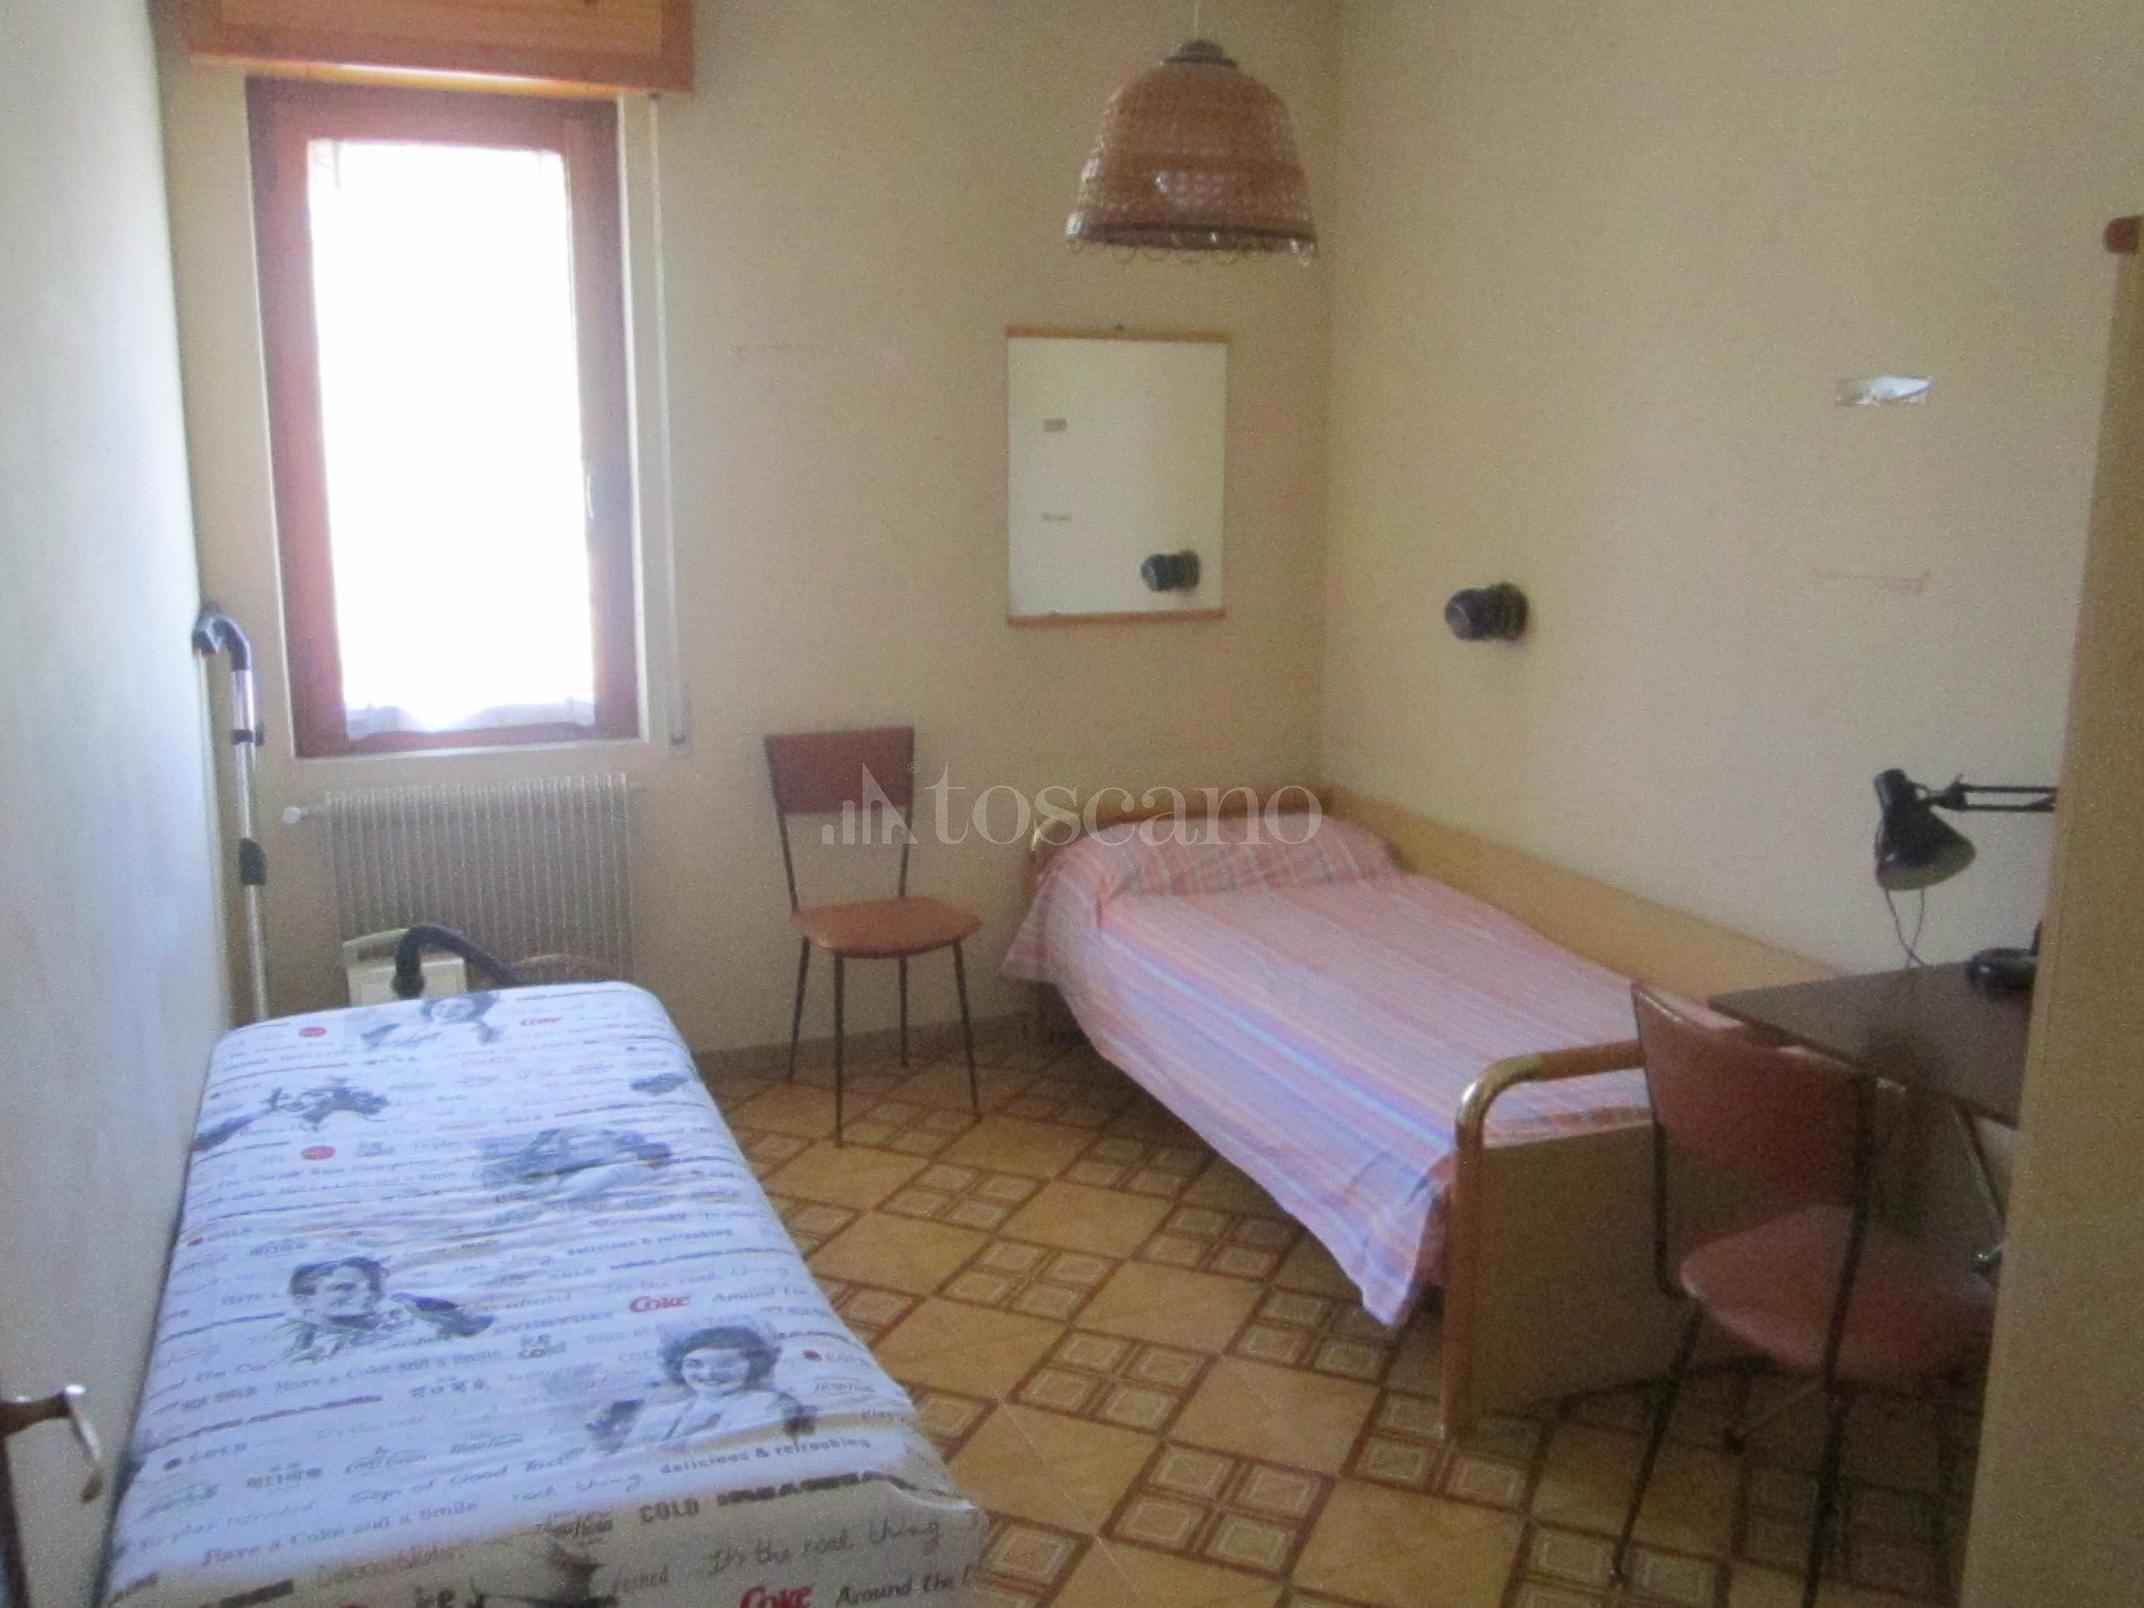 Vendita Casa A Viggiano In Viale Vittorio Emanuele Viggiano 6 2020 Toscano